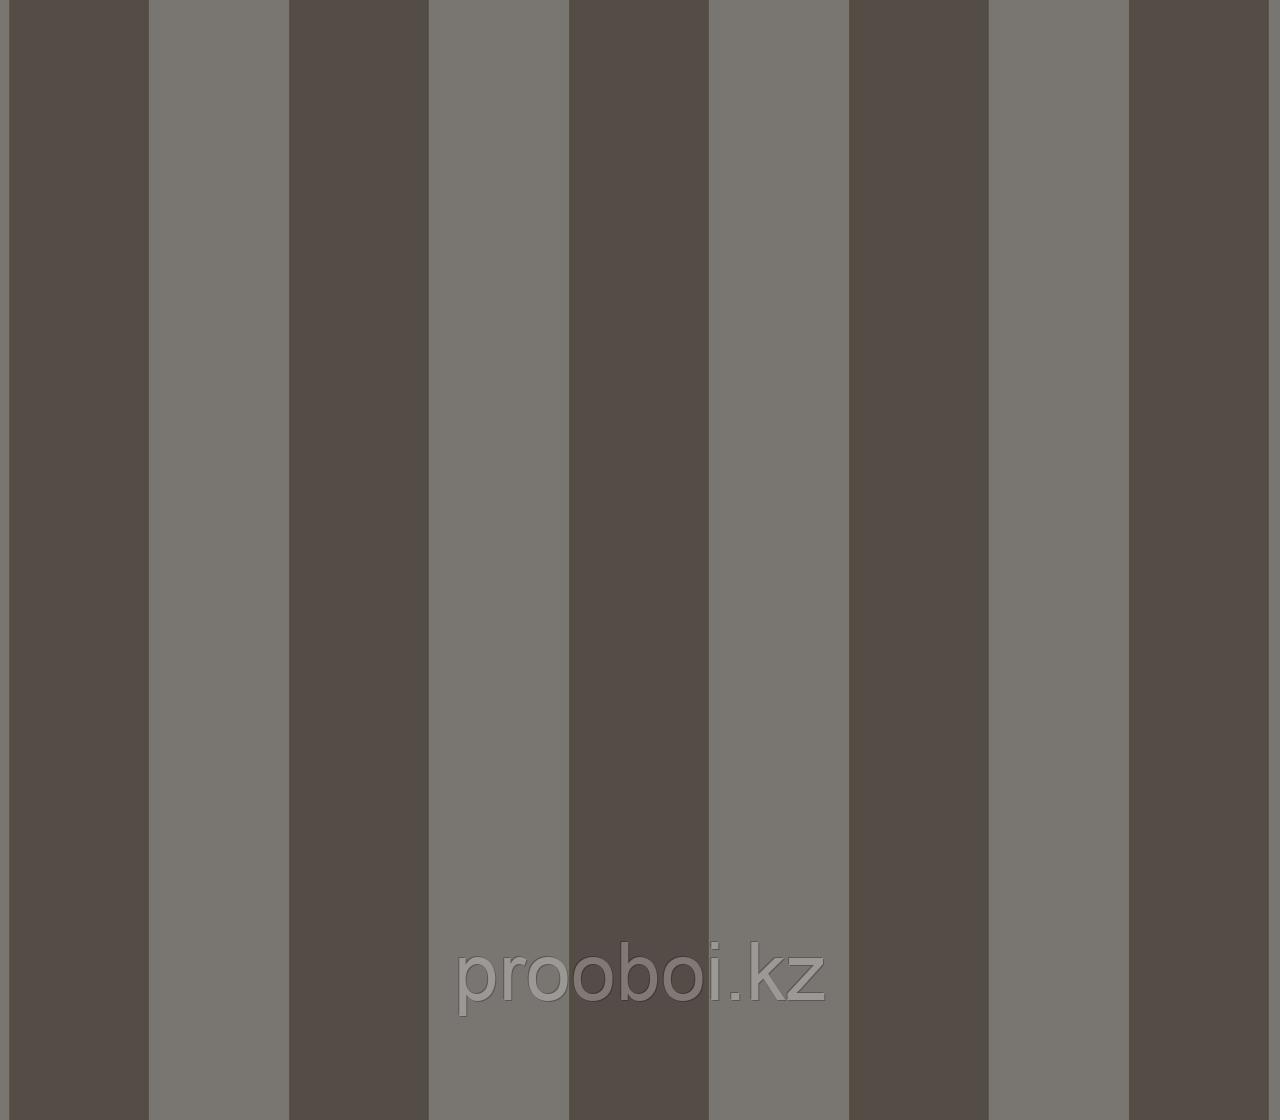 Турецкие обои ALFA (метровые) 3704-6